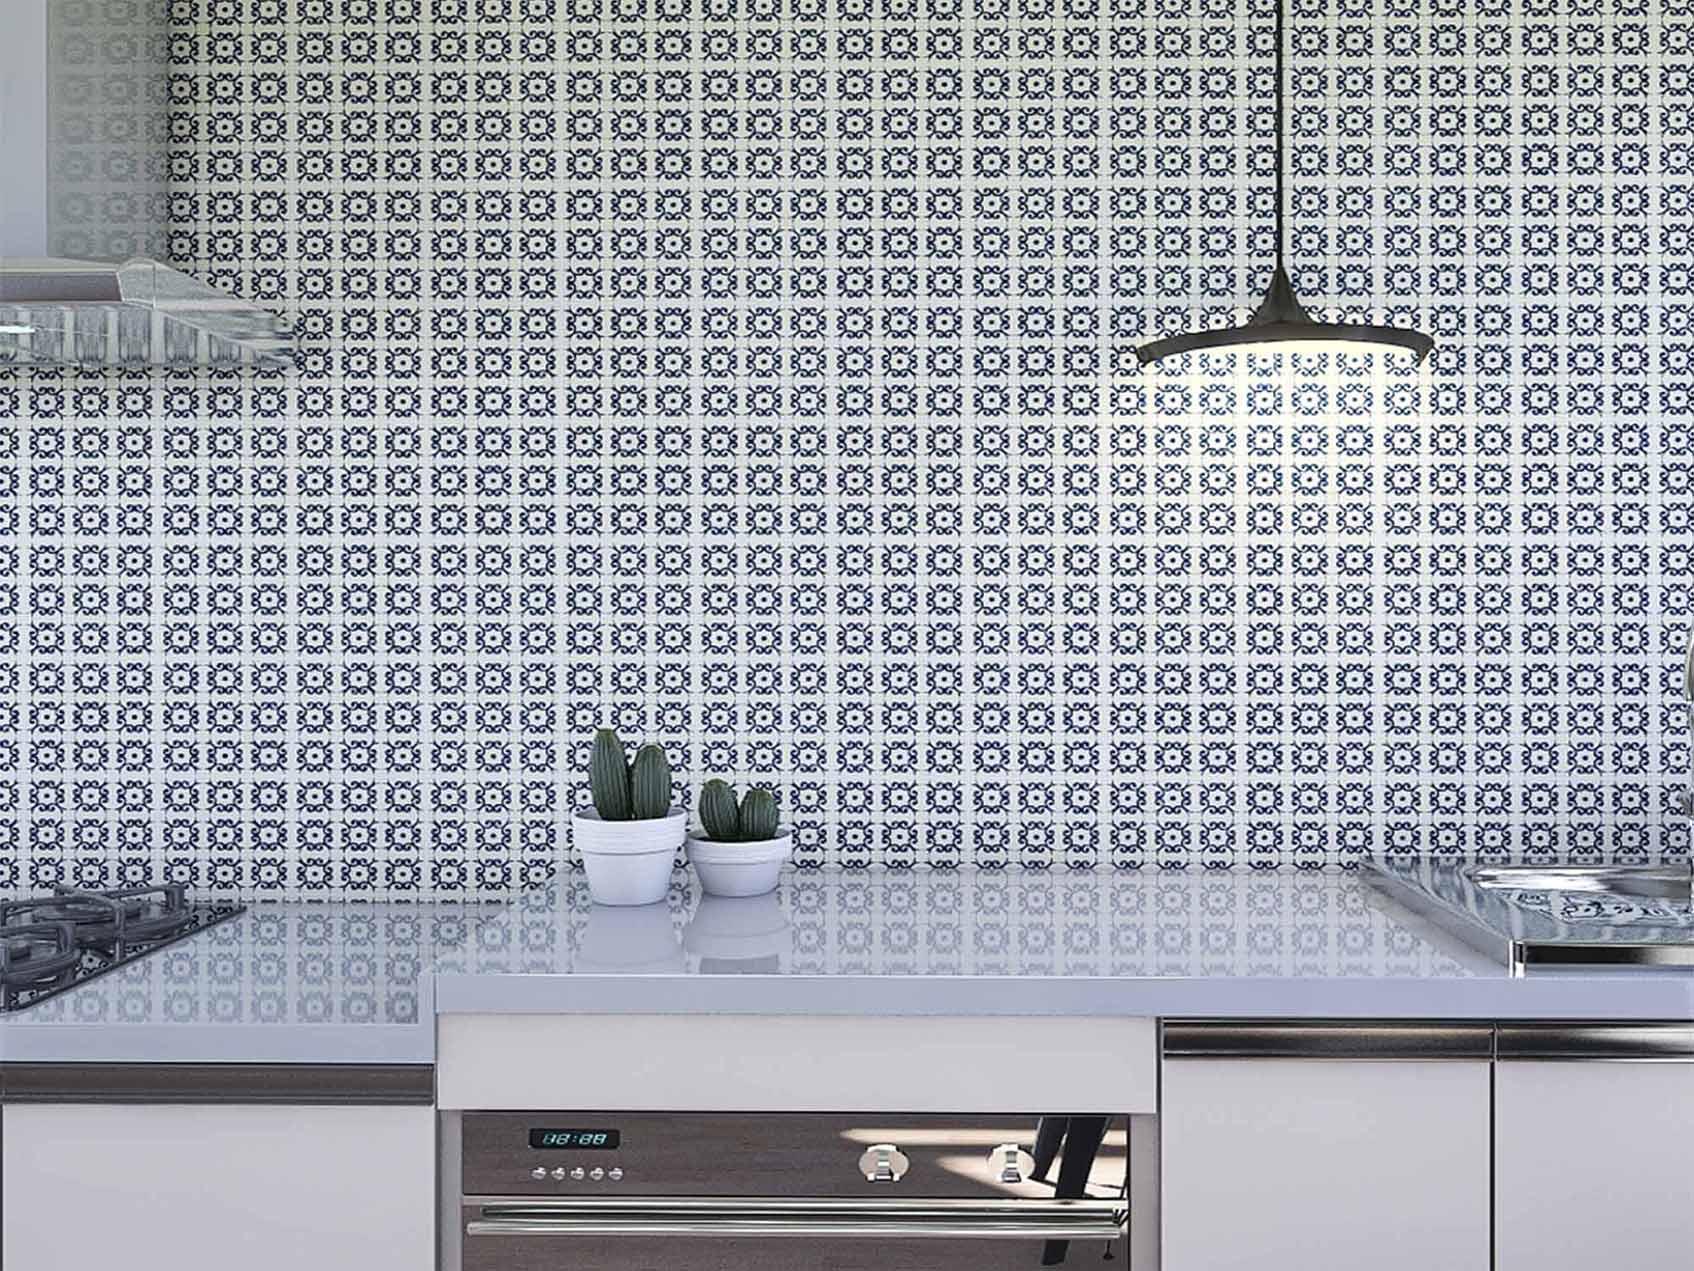 Papel de Parede para Cozinha Azulejos 0043 - Adesivos de Parede  - Paredes Decoradas